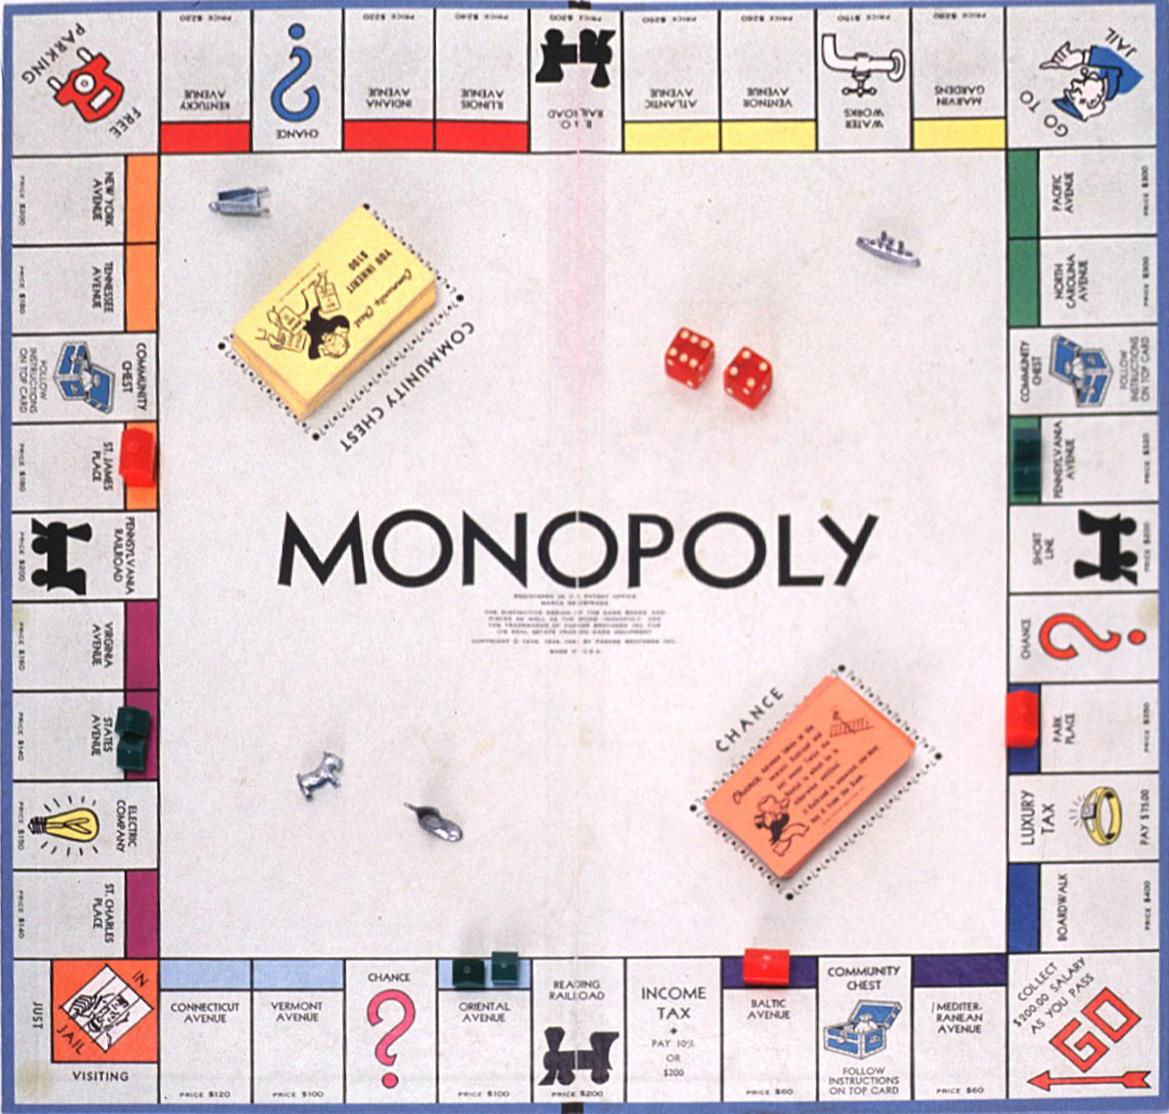 Les regles del Monopoly també valdrien per a la 'refundació', no?